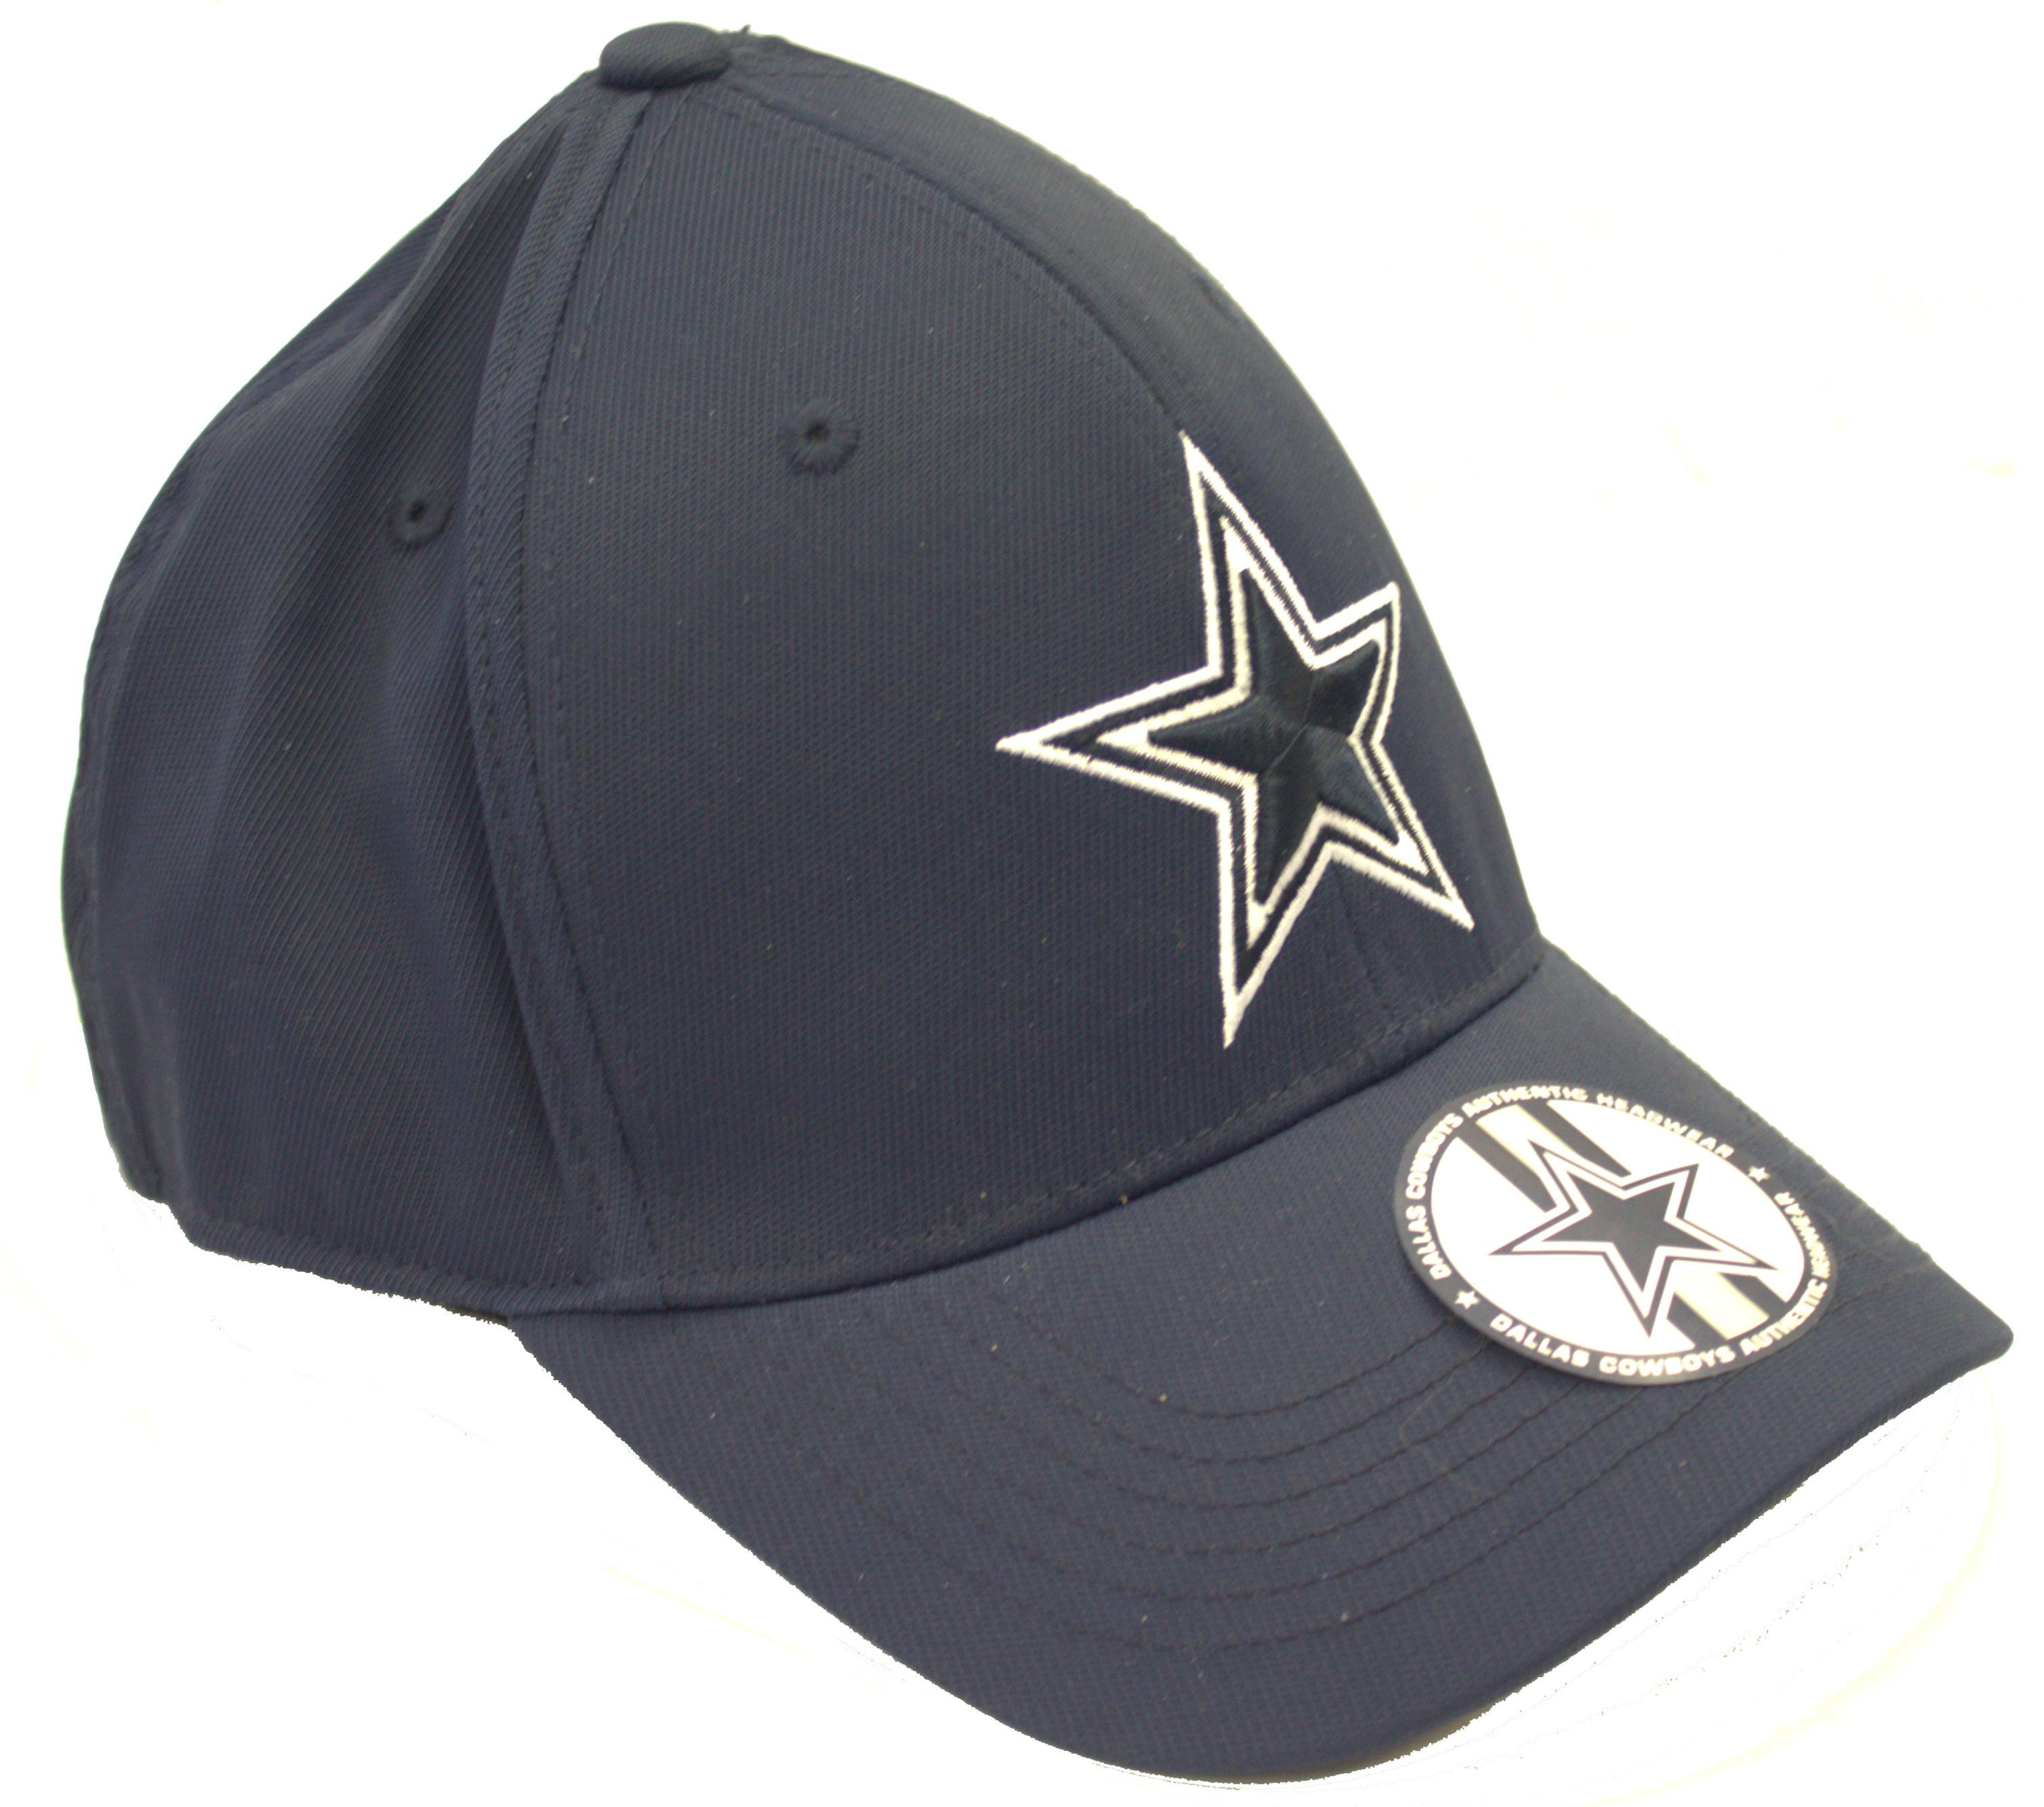 aa2c028f8a7af Dallas Cowboys Supreme Navy Flex fit Hat Cap Lid 687927669260